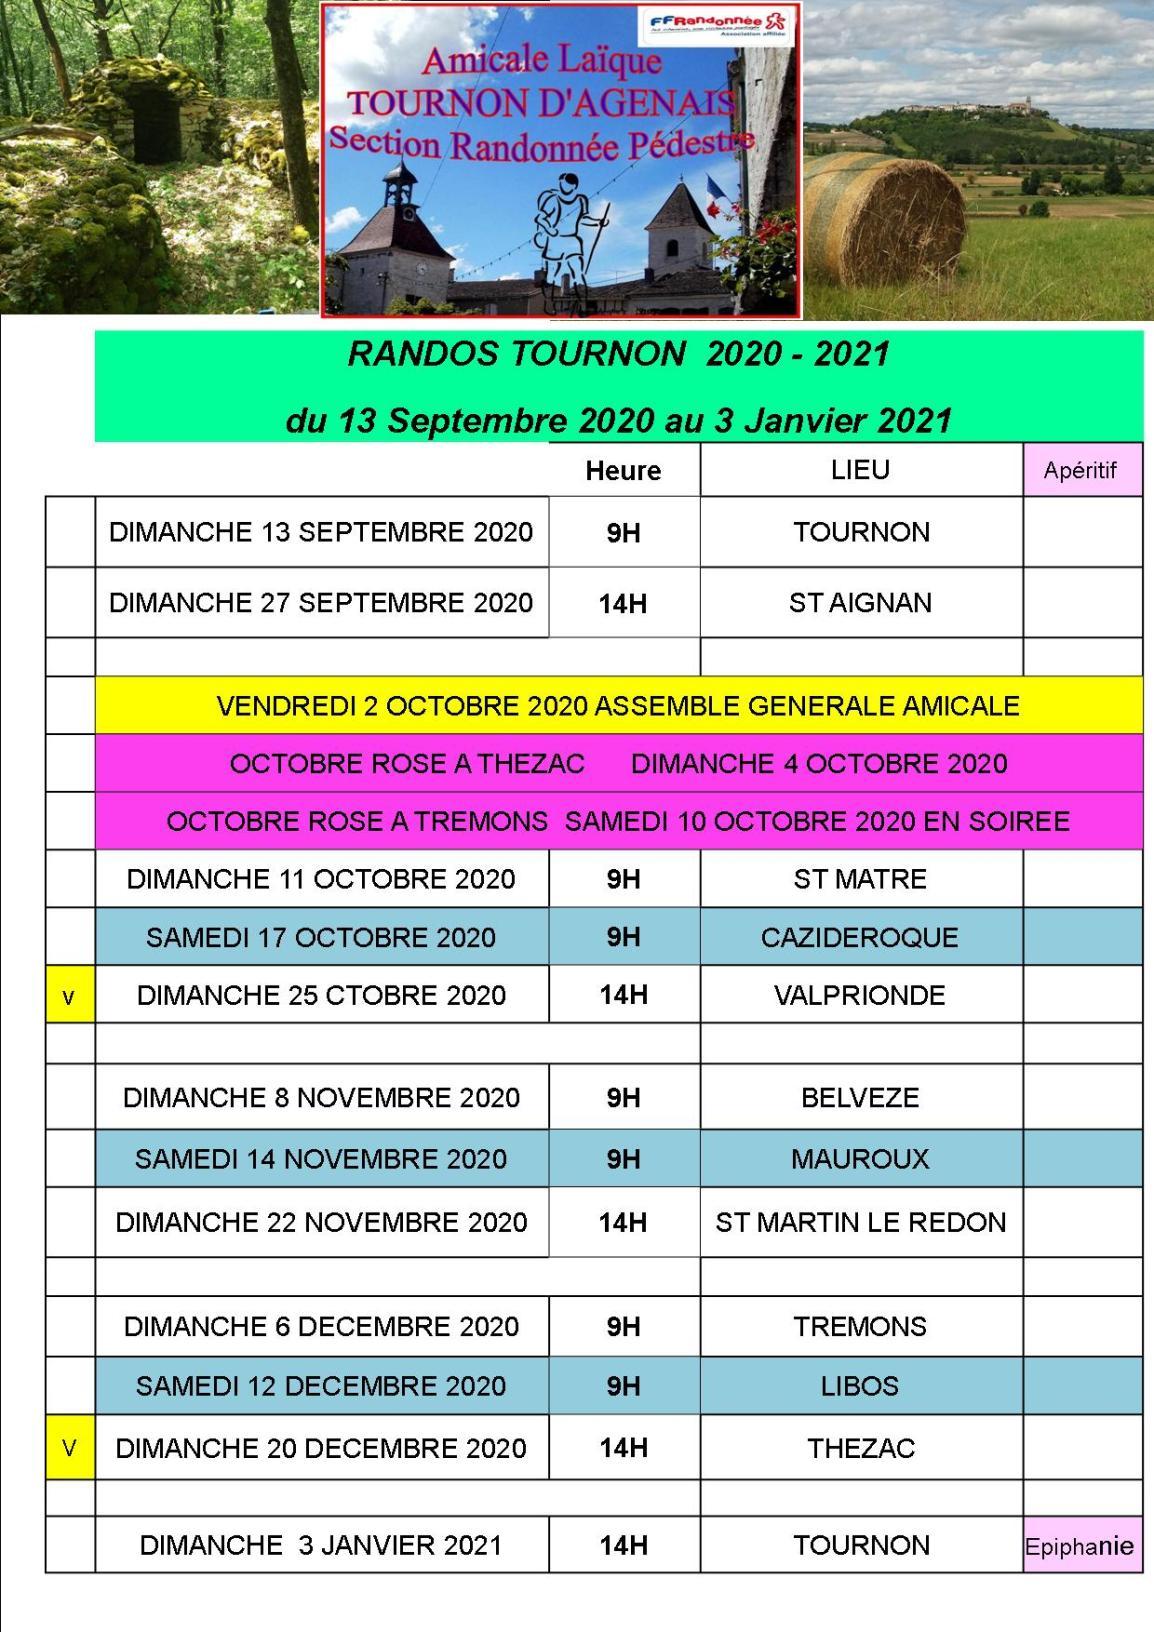 programme randos du 13 Septembre 2020 au 3 Janvier 2021